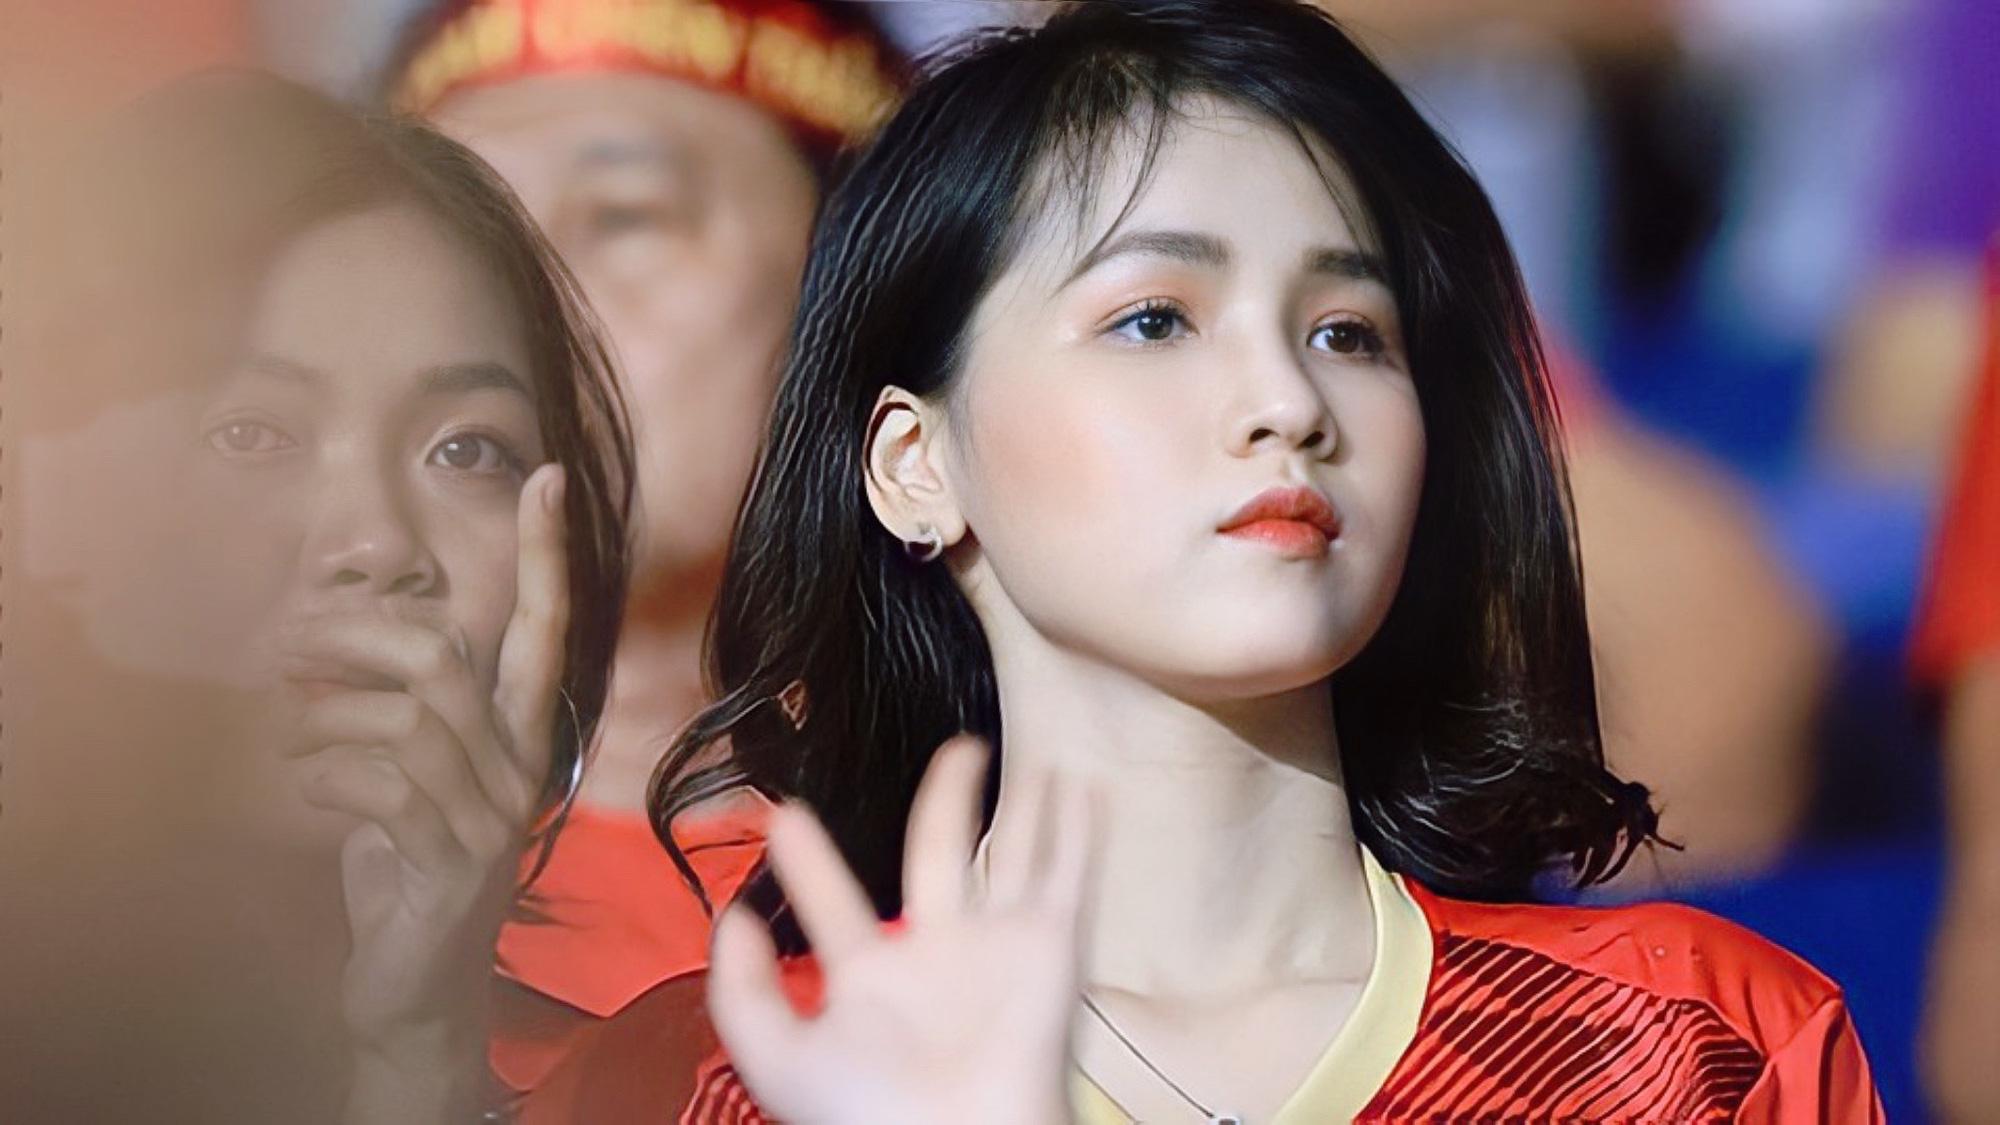 Cựu nữ sinh đẹp vạn người mê tựa Ngọc Trinh đoán tỉ số Việt Nam vs UAE, tin Việt Nam chiến thắng - Ảnh 3.